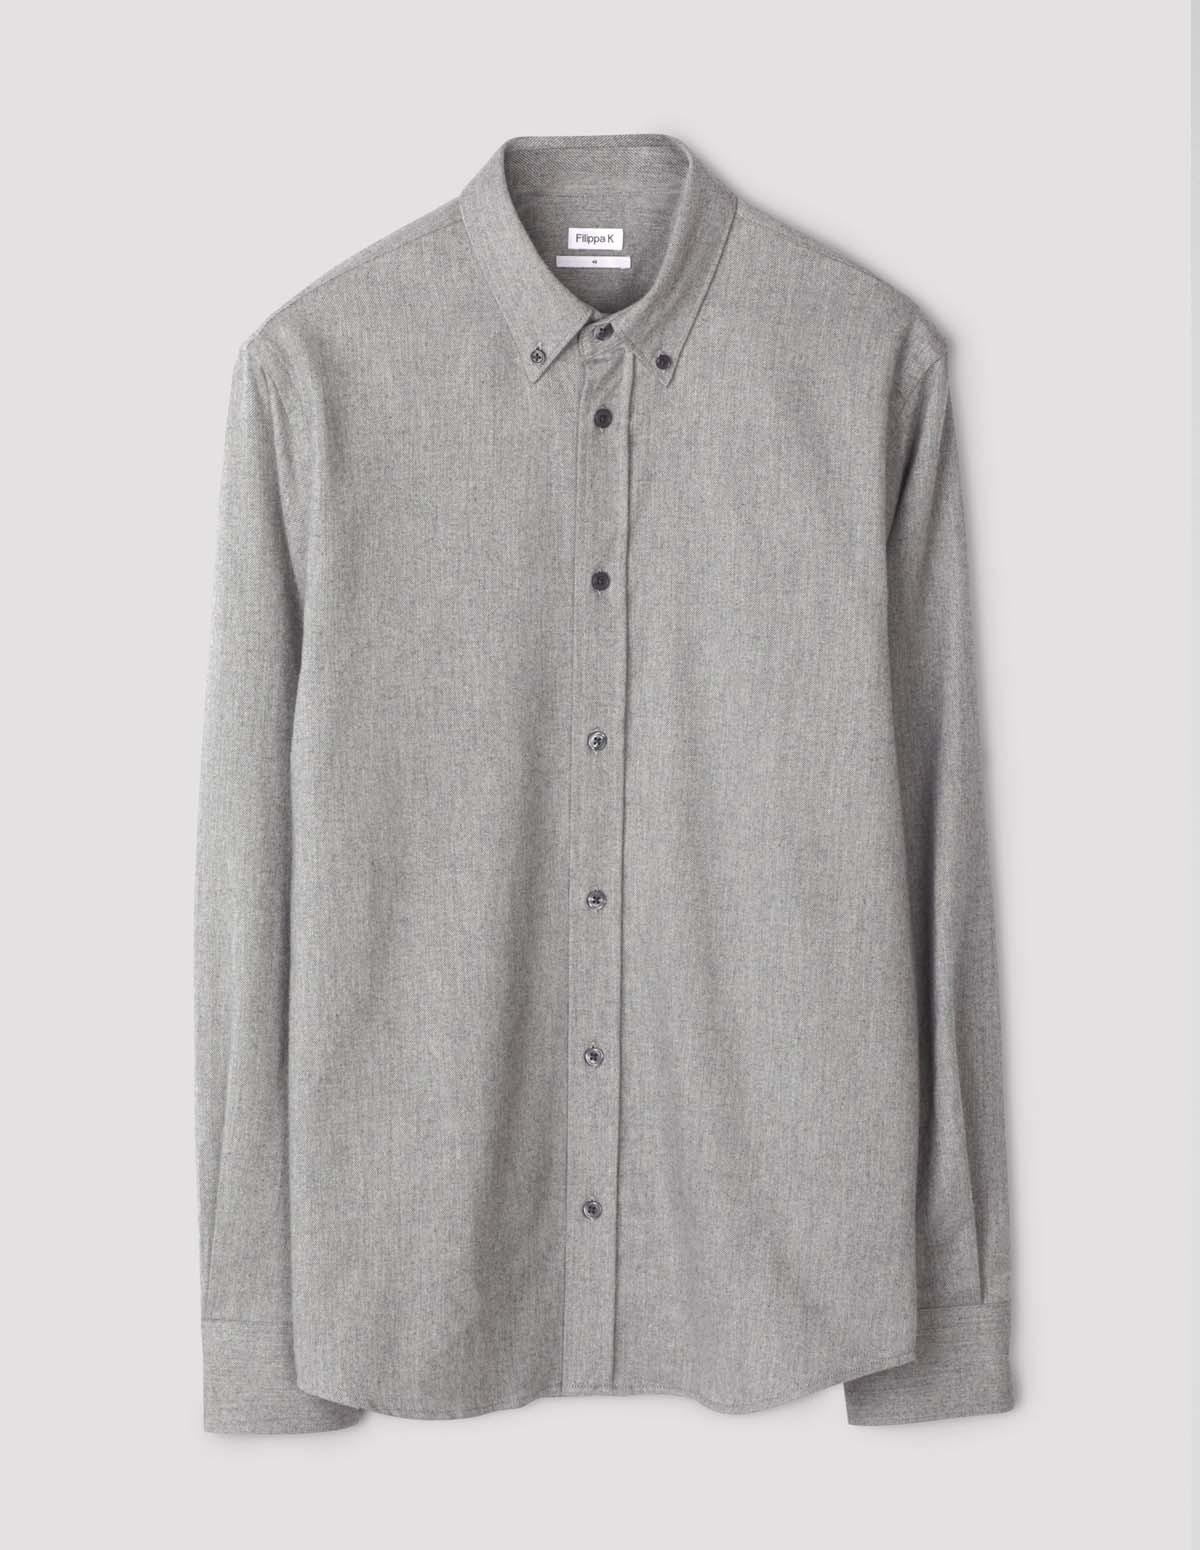 Fk Lewis Flannel Shirt - GREY MEL